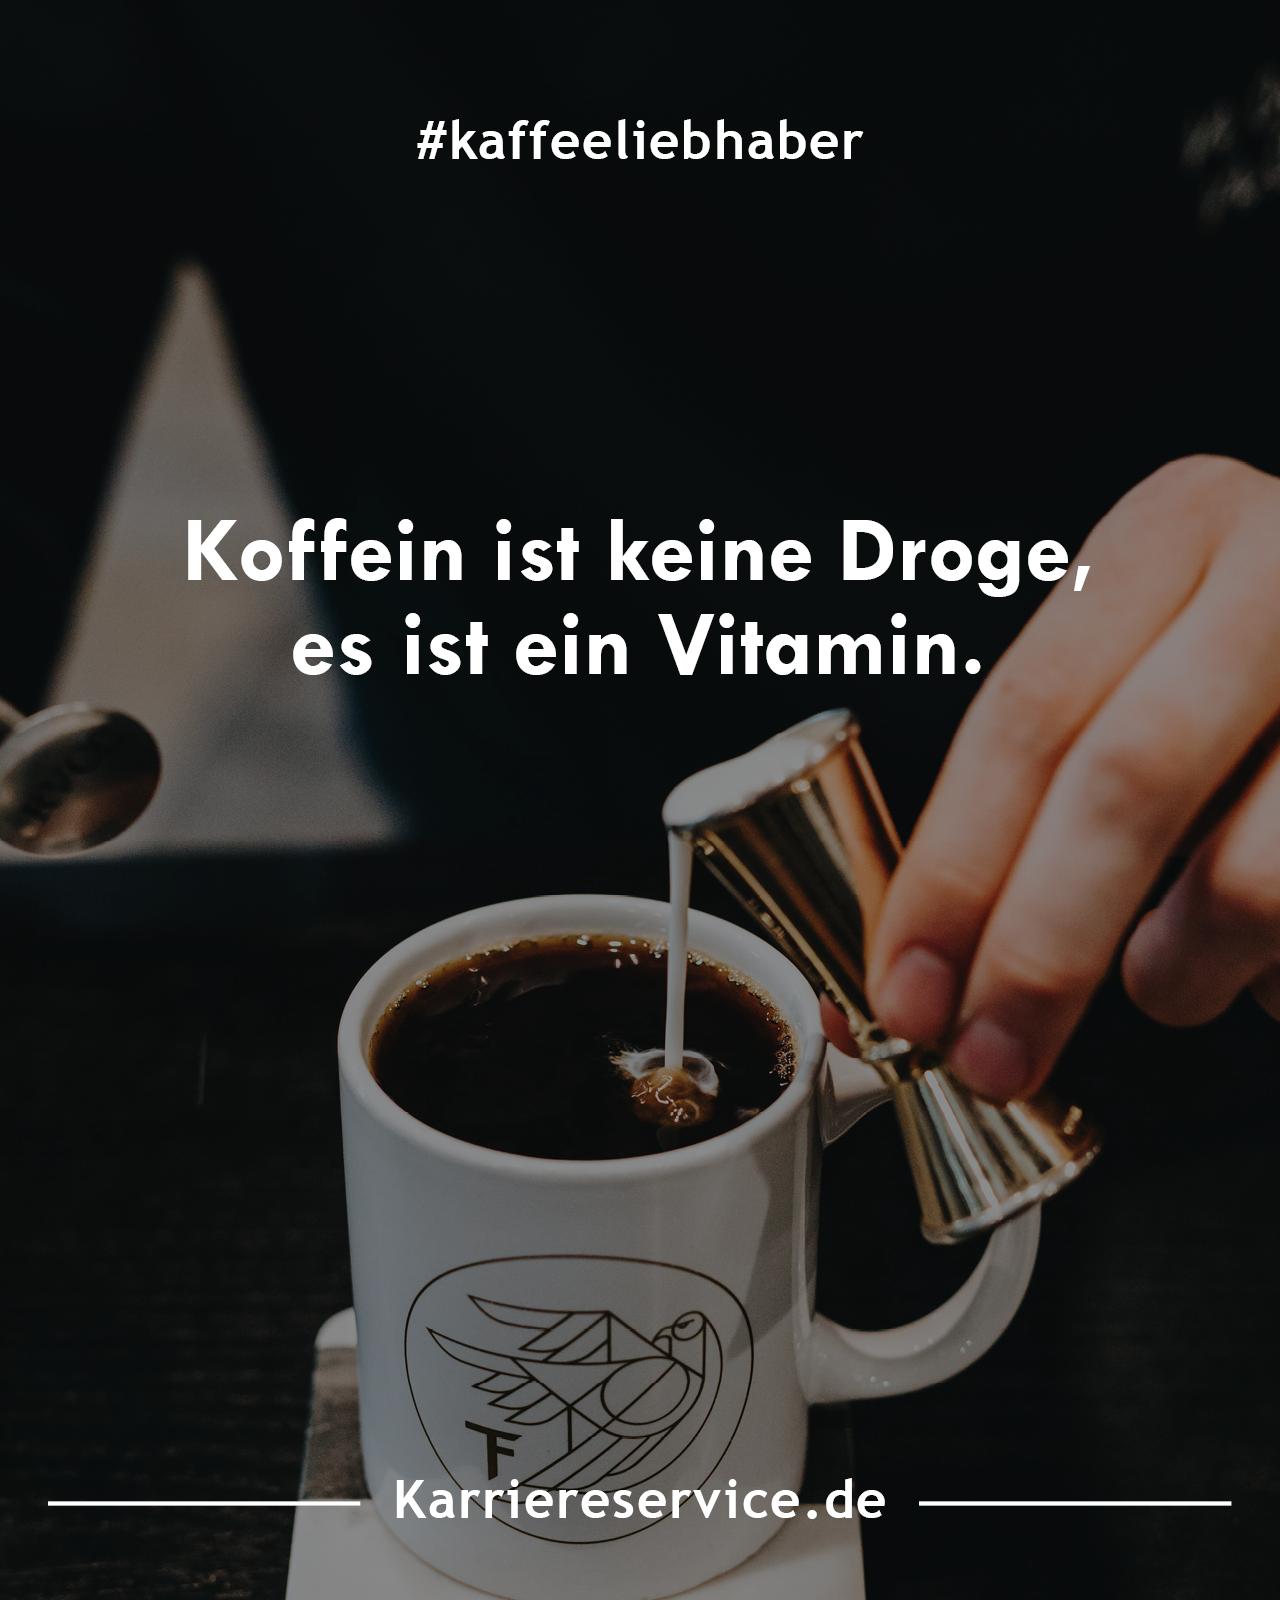 Kaffeeliebhaber Lustige Sprüche   Kaffee, Sprüche, Liebhaber